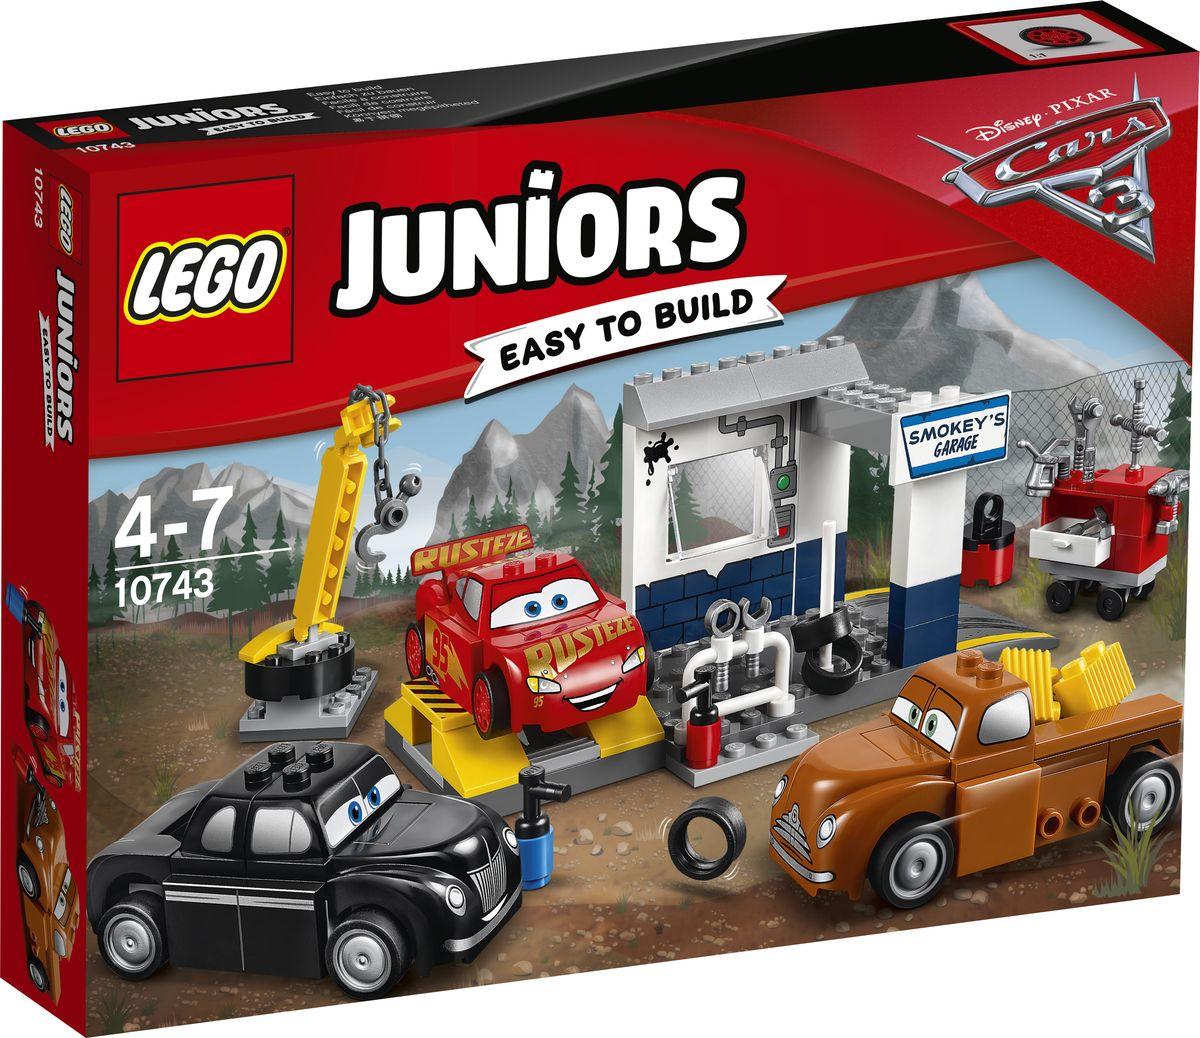 LEGO Juniors Конструктор Гараж Смоуки 10743 lego juniors конструктор финальная гонка флорида 500 10745